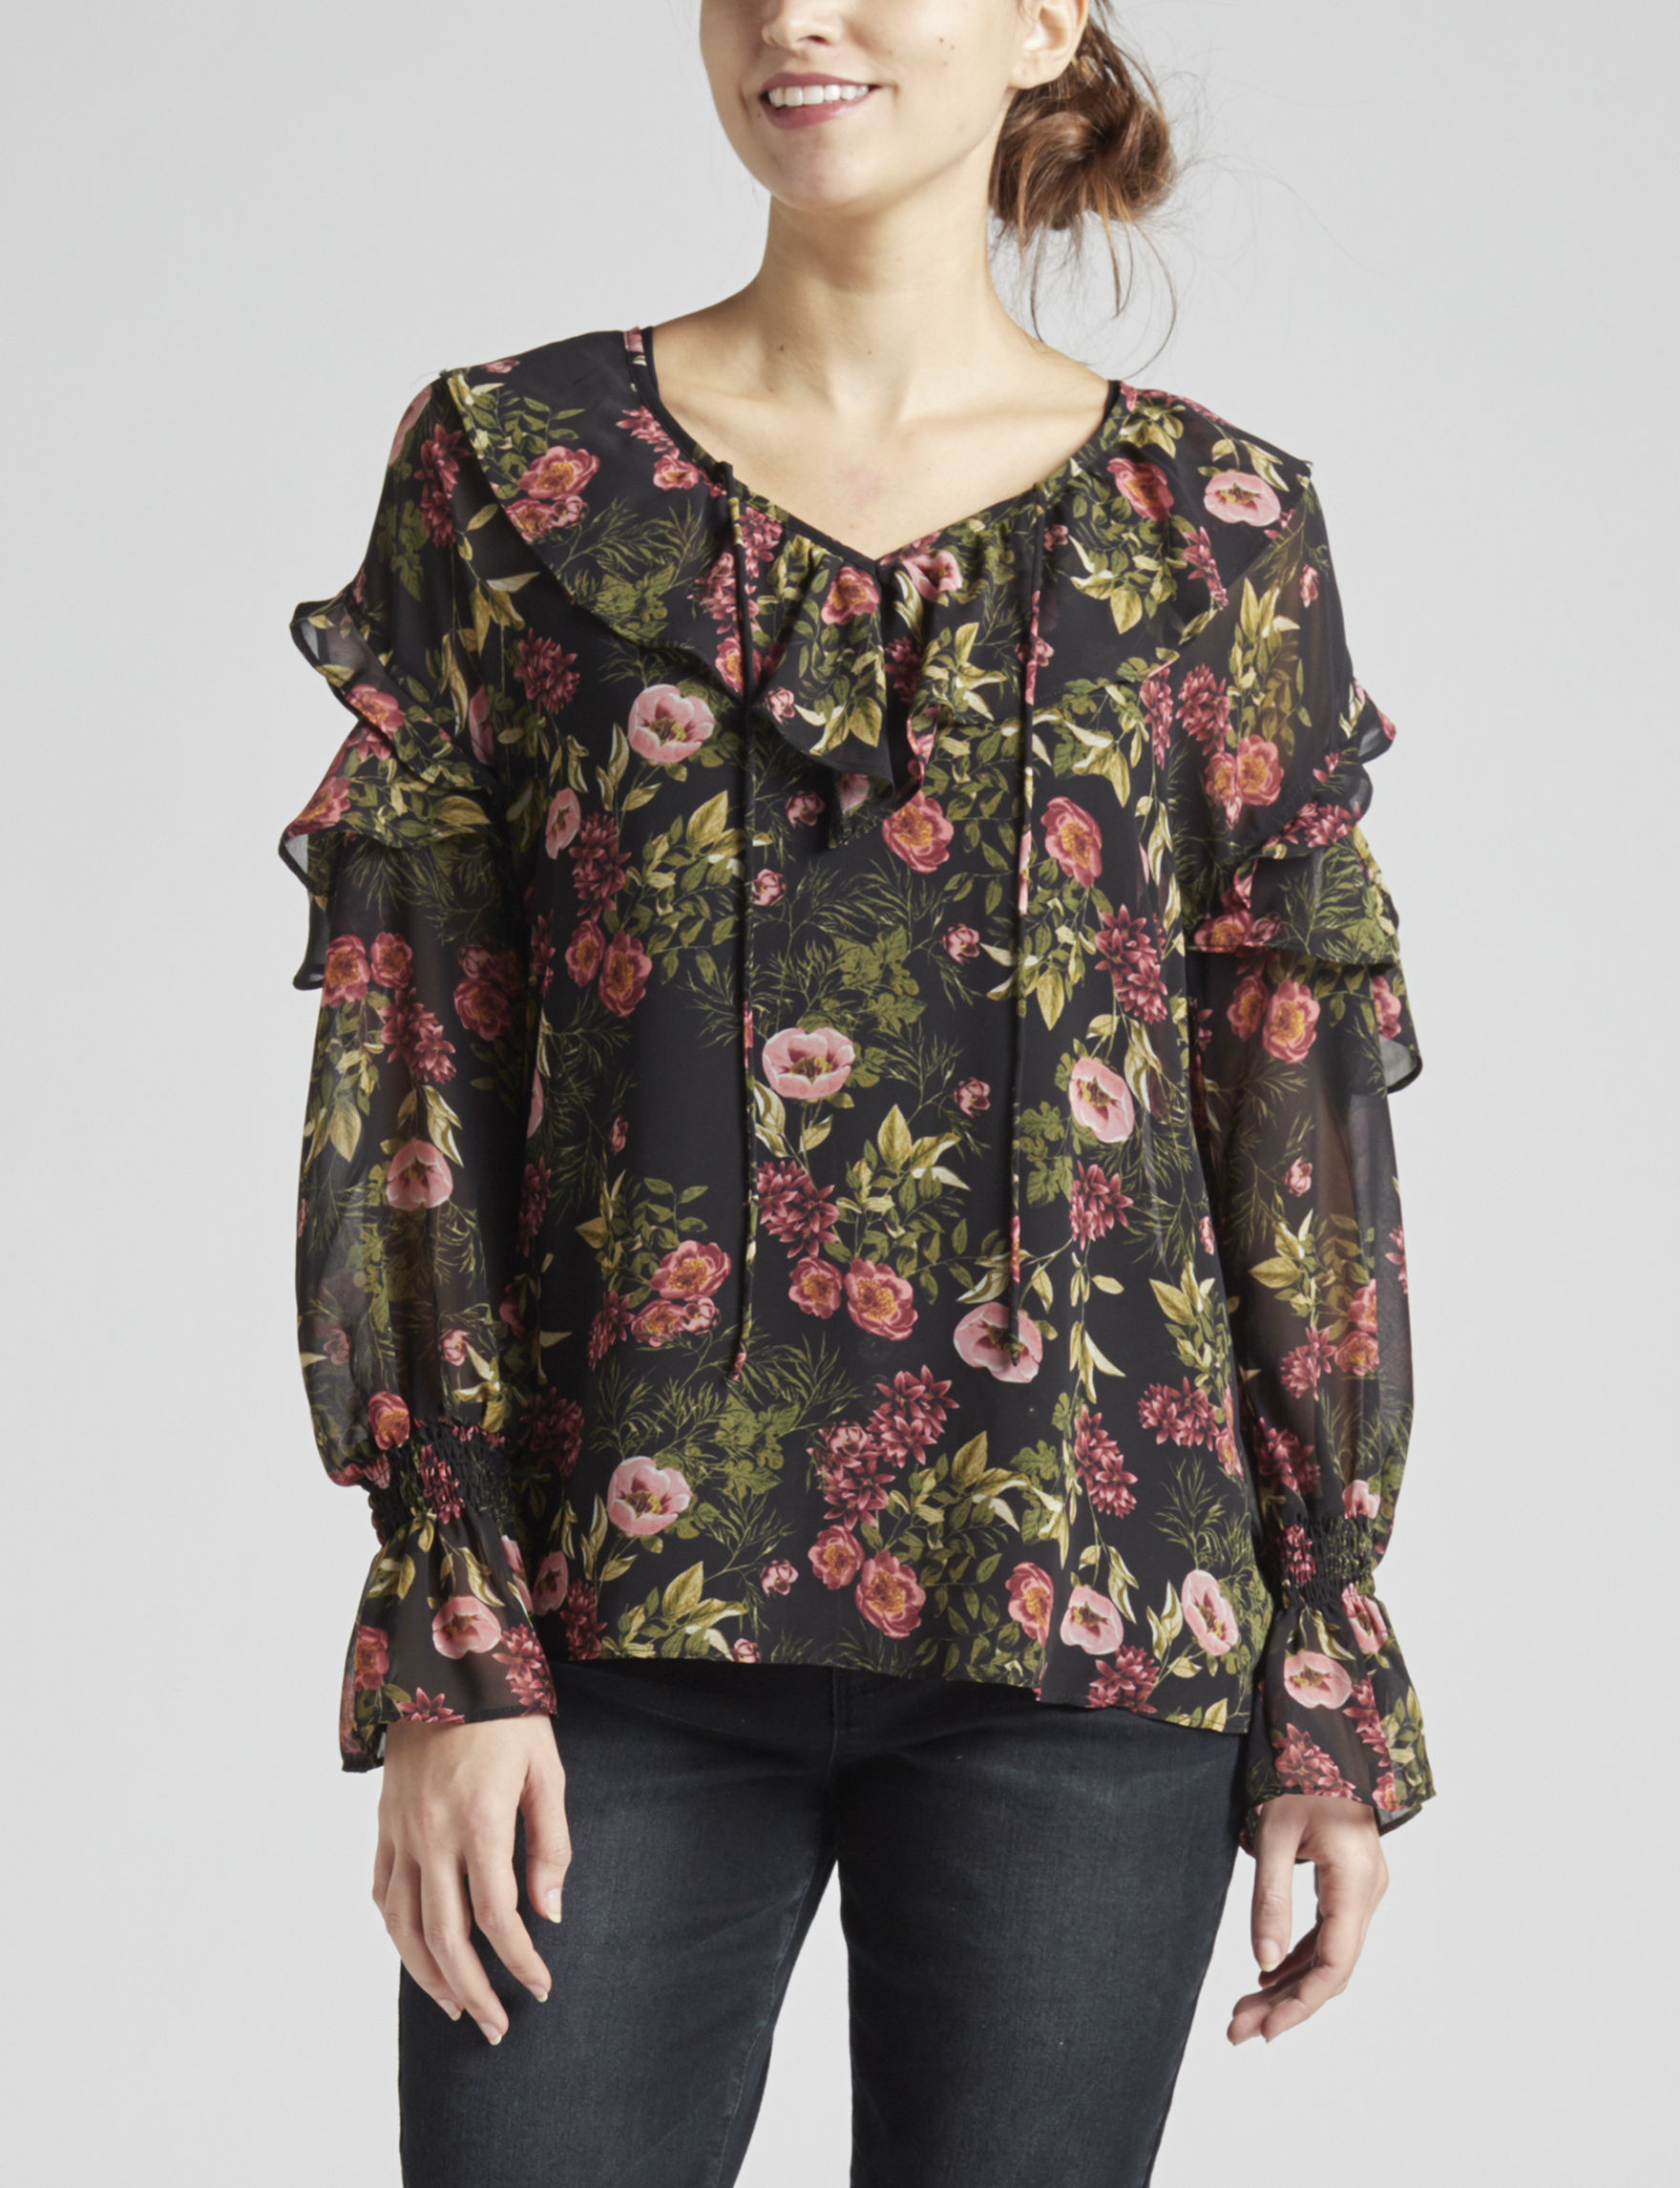 Kensie Black Floral Shirts & Blouses